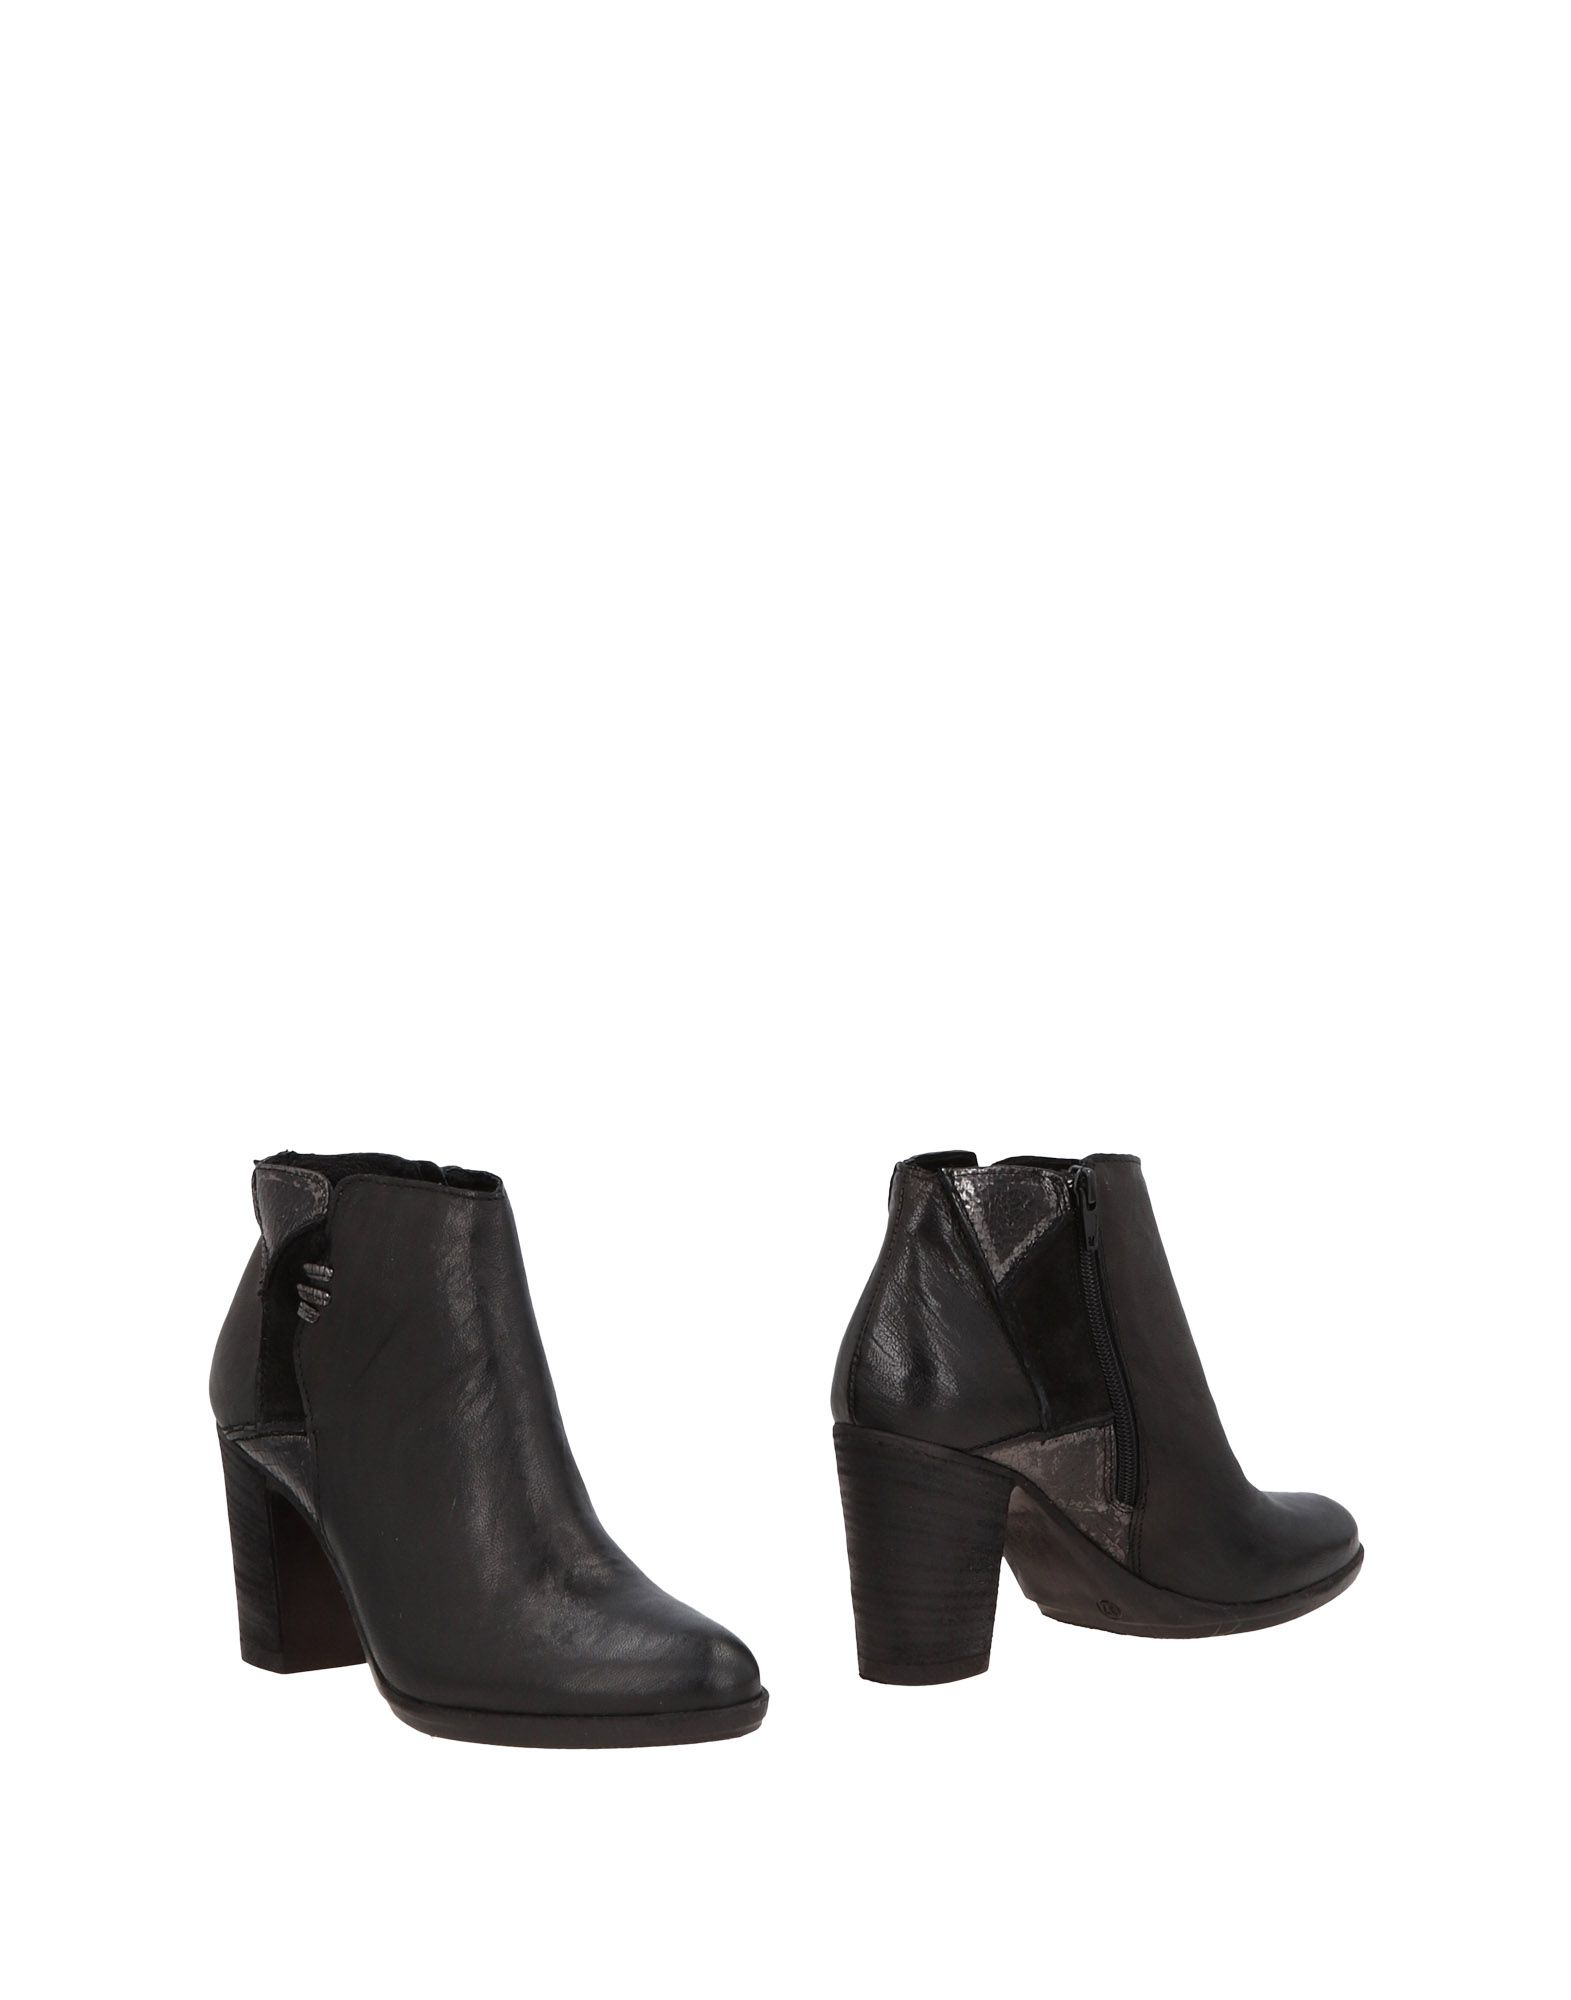 Khrio' Stiefelette Damen  11477606GE Gute Qualität beliebte Schuhe